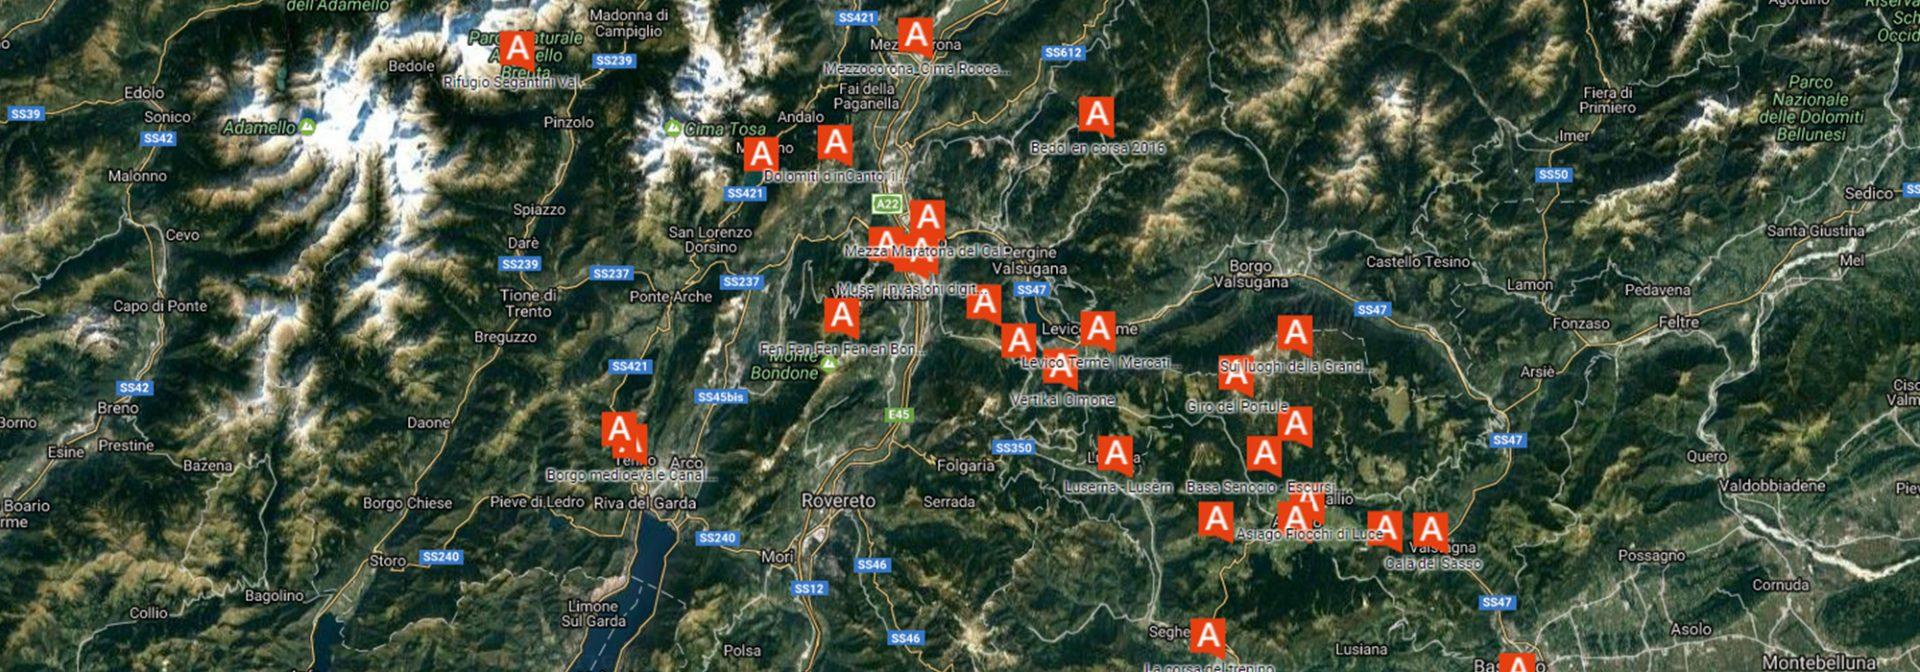 Mappa ilAlby